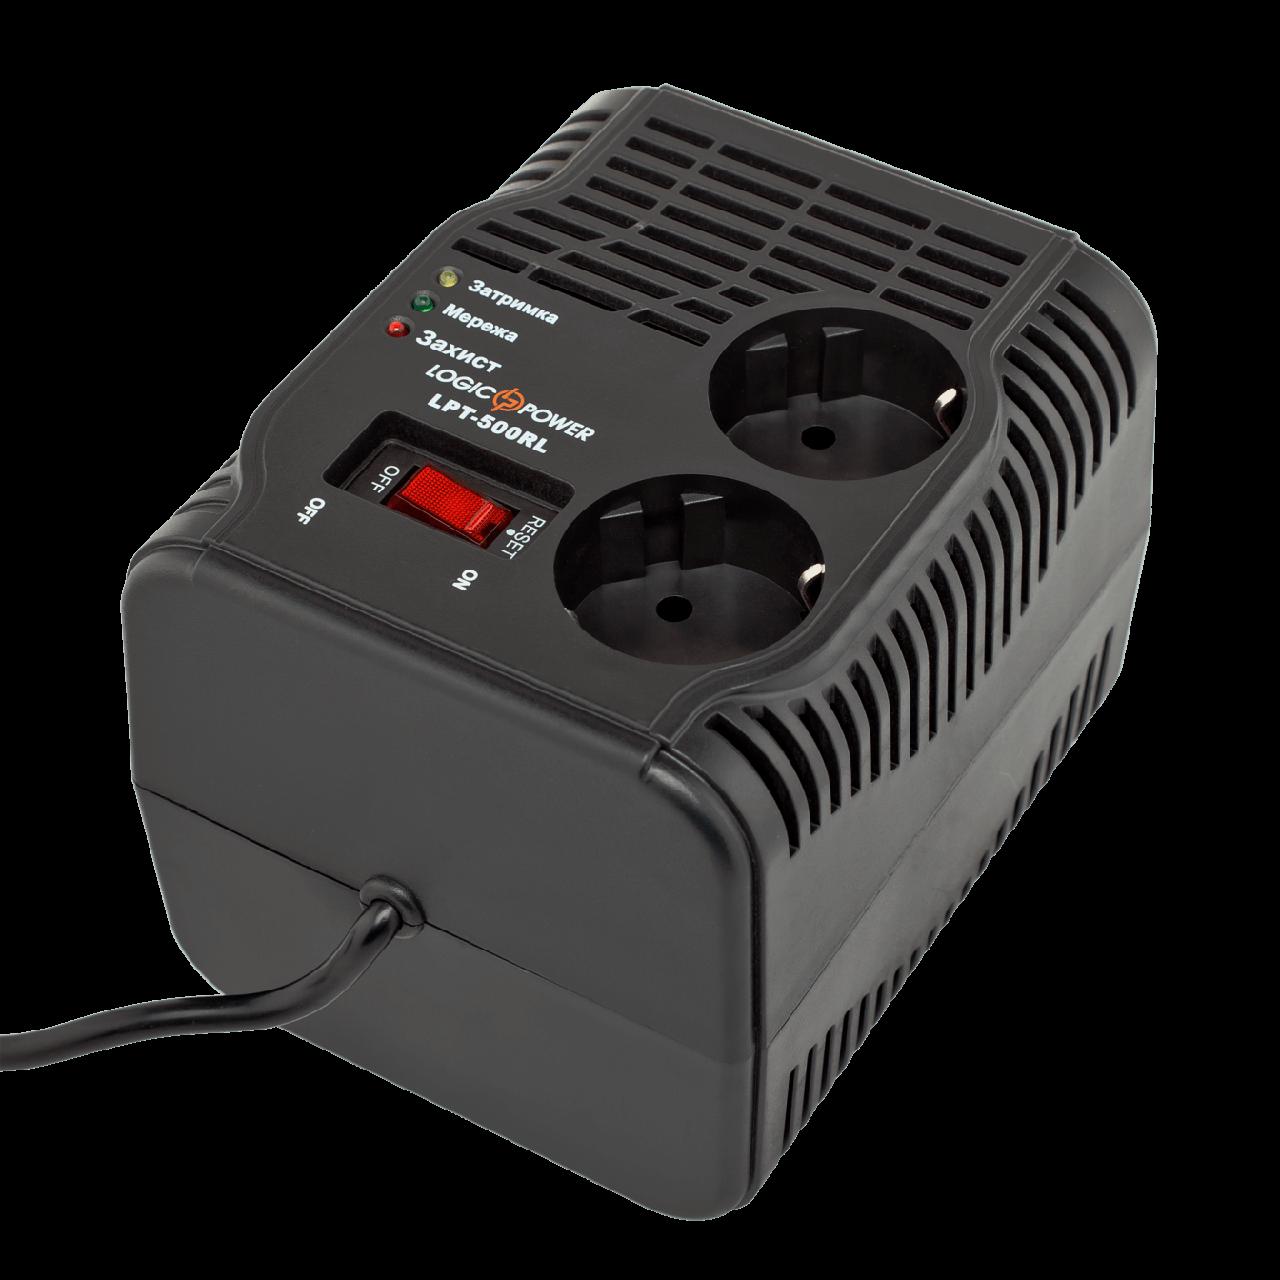 Logic Power LPT-500RL - стабілізатор для газового котла, телевізора, ноутбука